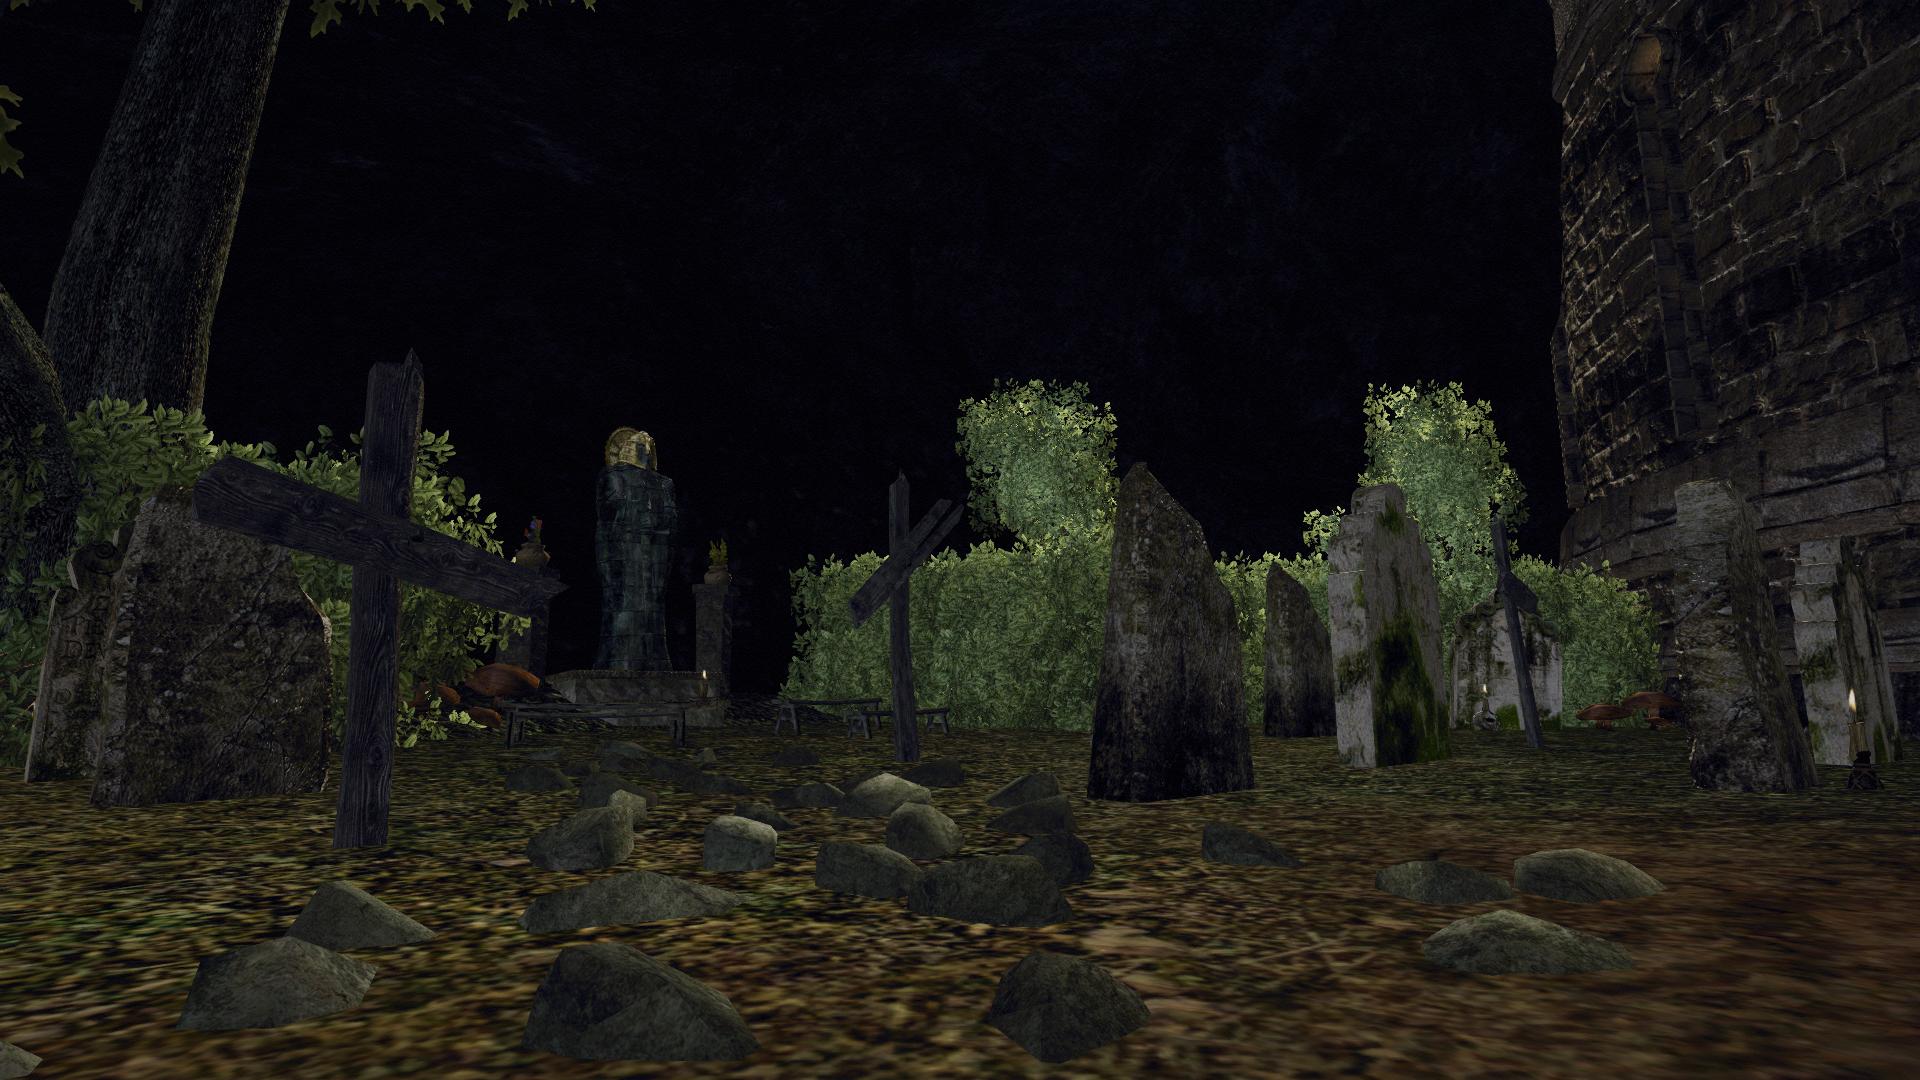 Friedhof_Geldern_04